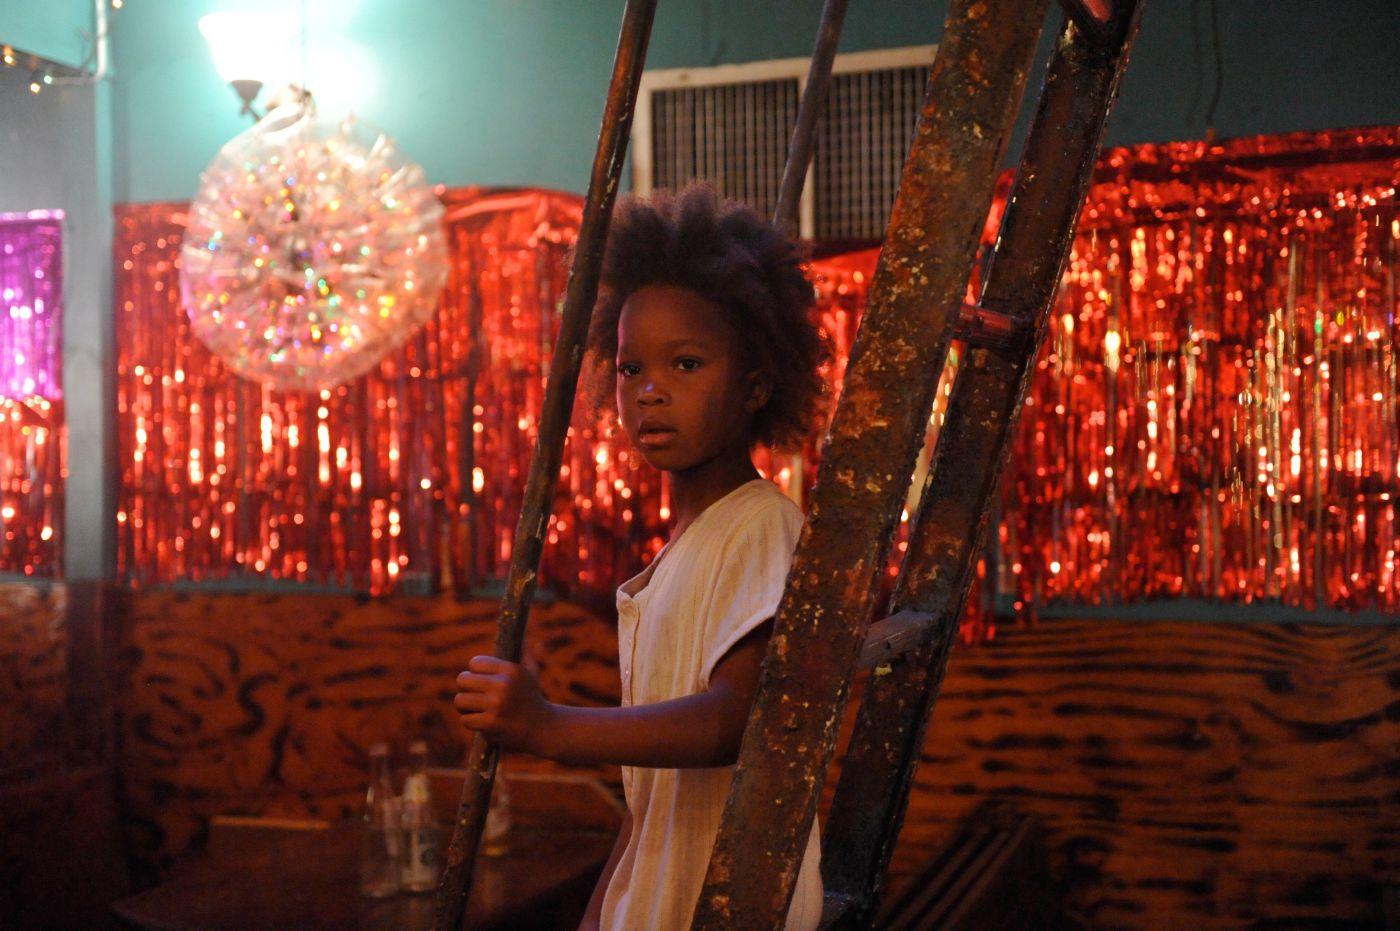 A nova recordista da categoria aos 9 anos Quvenzhané Wallis. Muitos acreditavam que ela ficaria restrita a prêmios de Melhor Revelação.